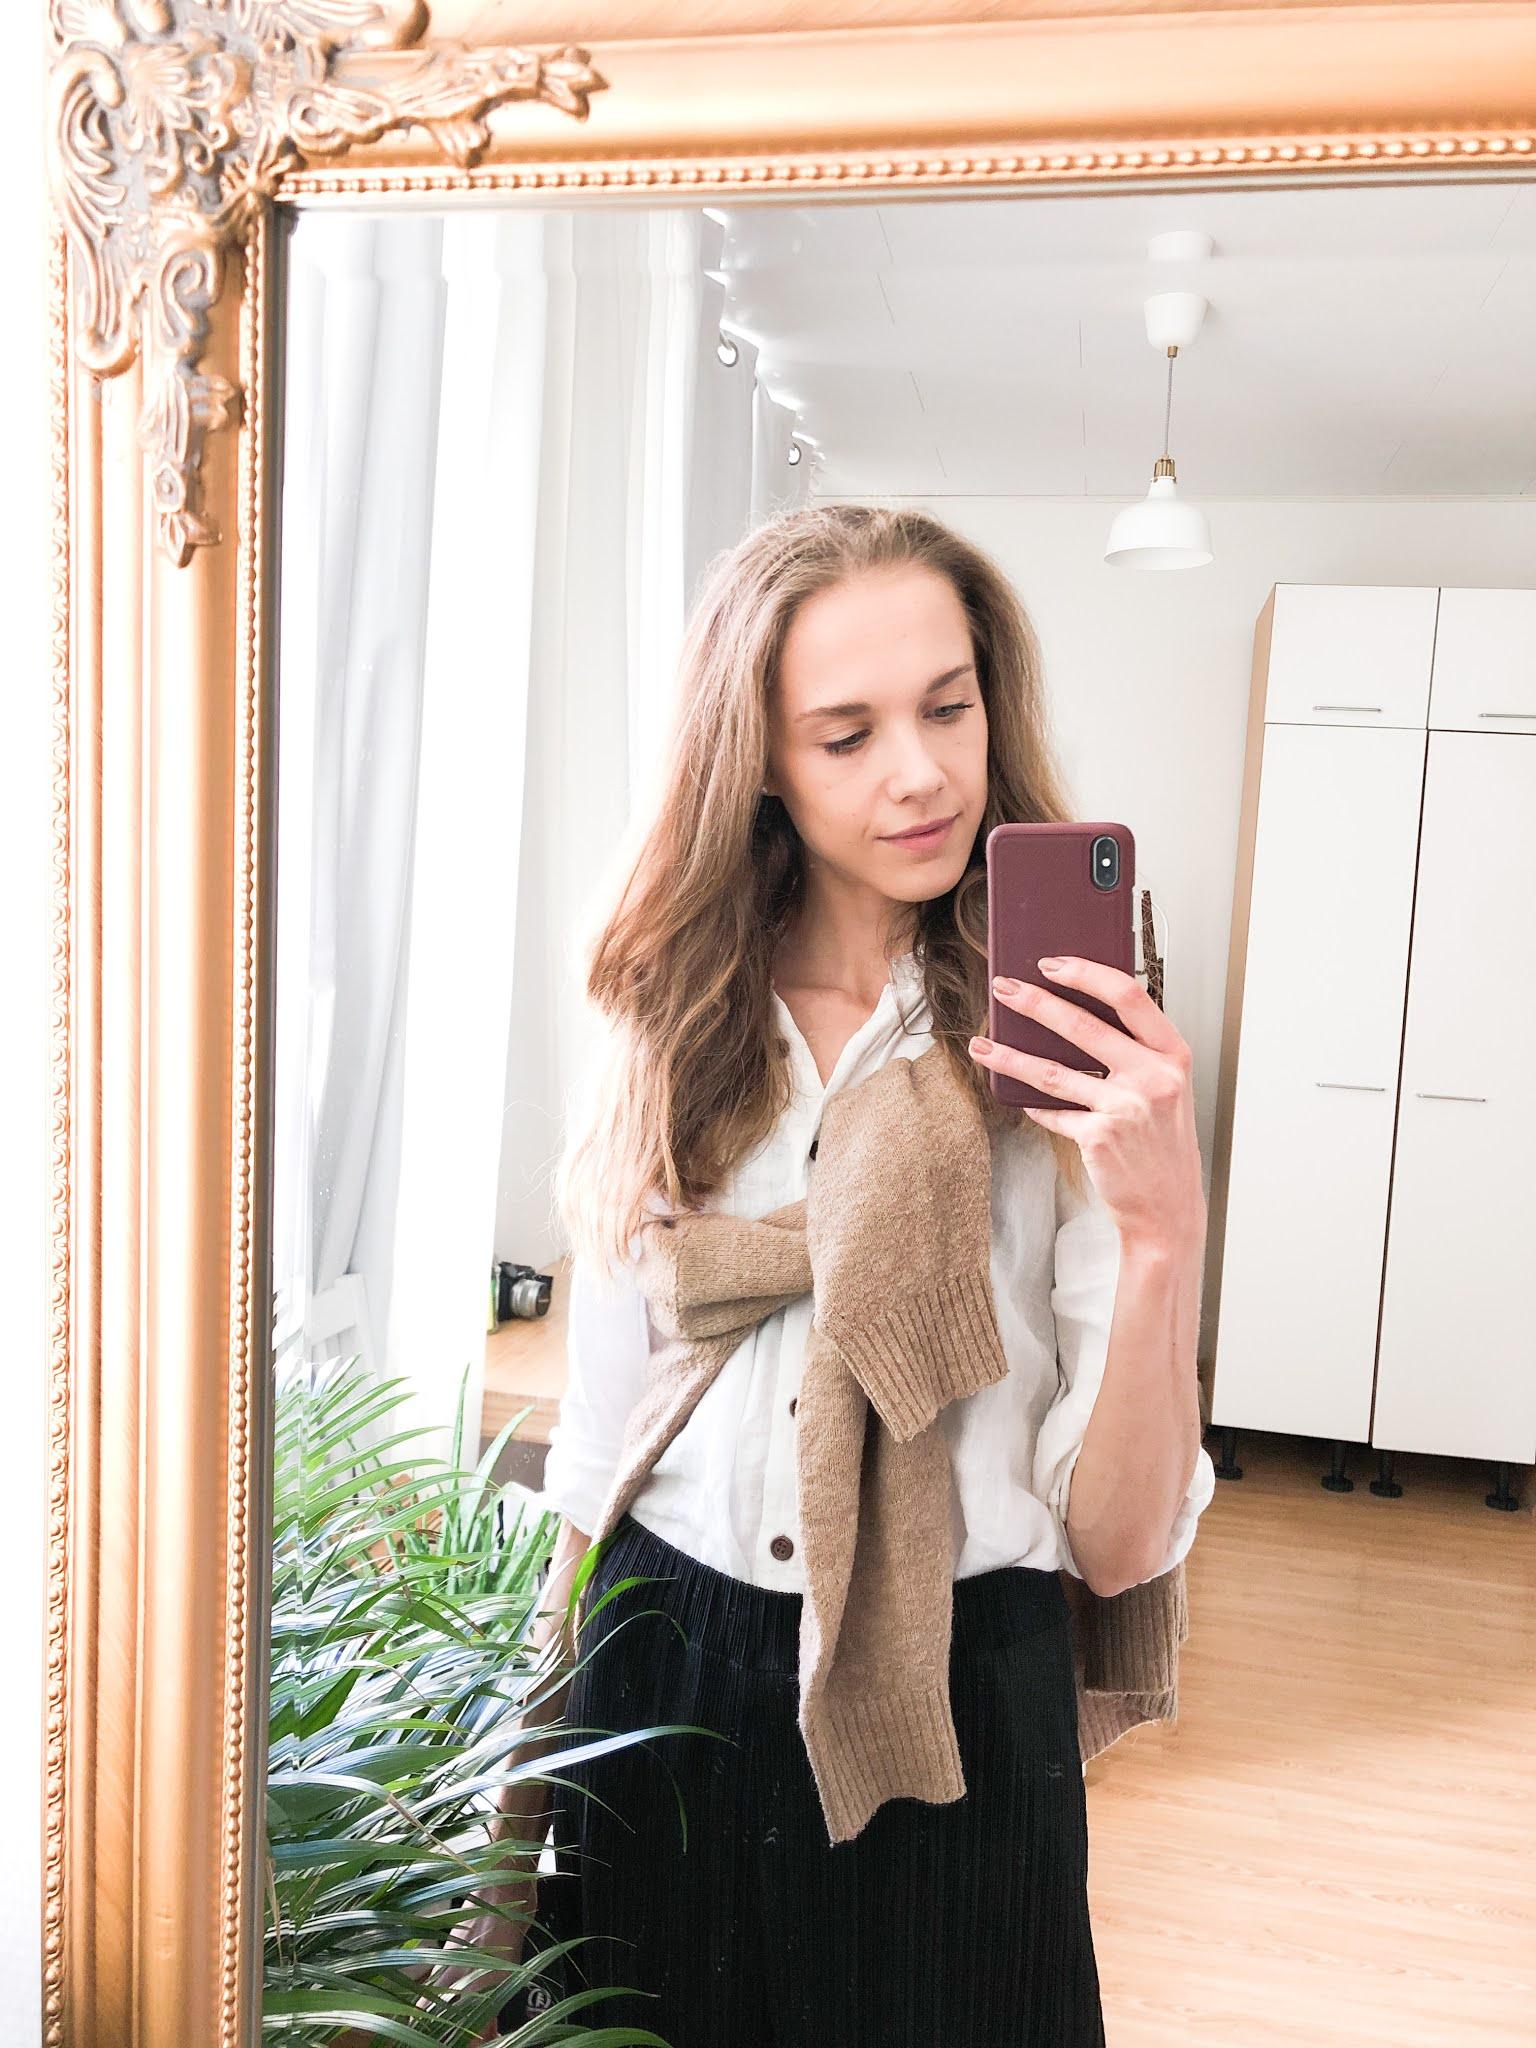 Knitwear trends for autumn - Syksyn trendit, neuleet, muoti, tyyli, bloggaaja